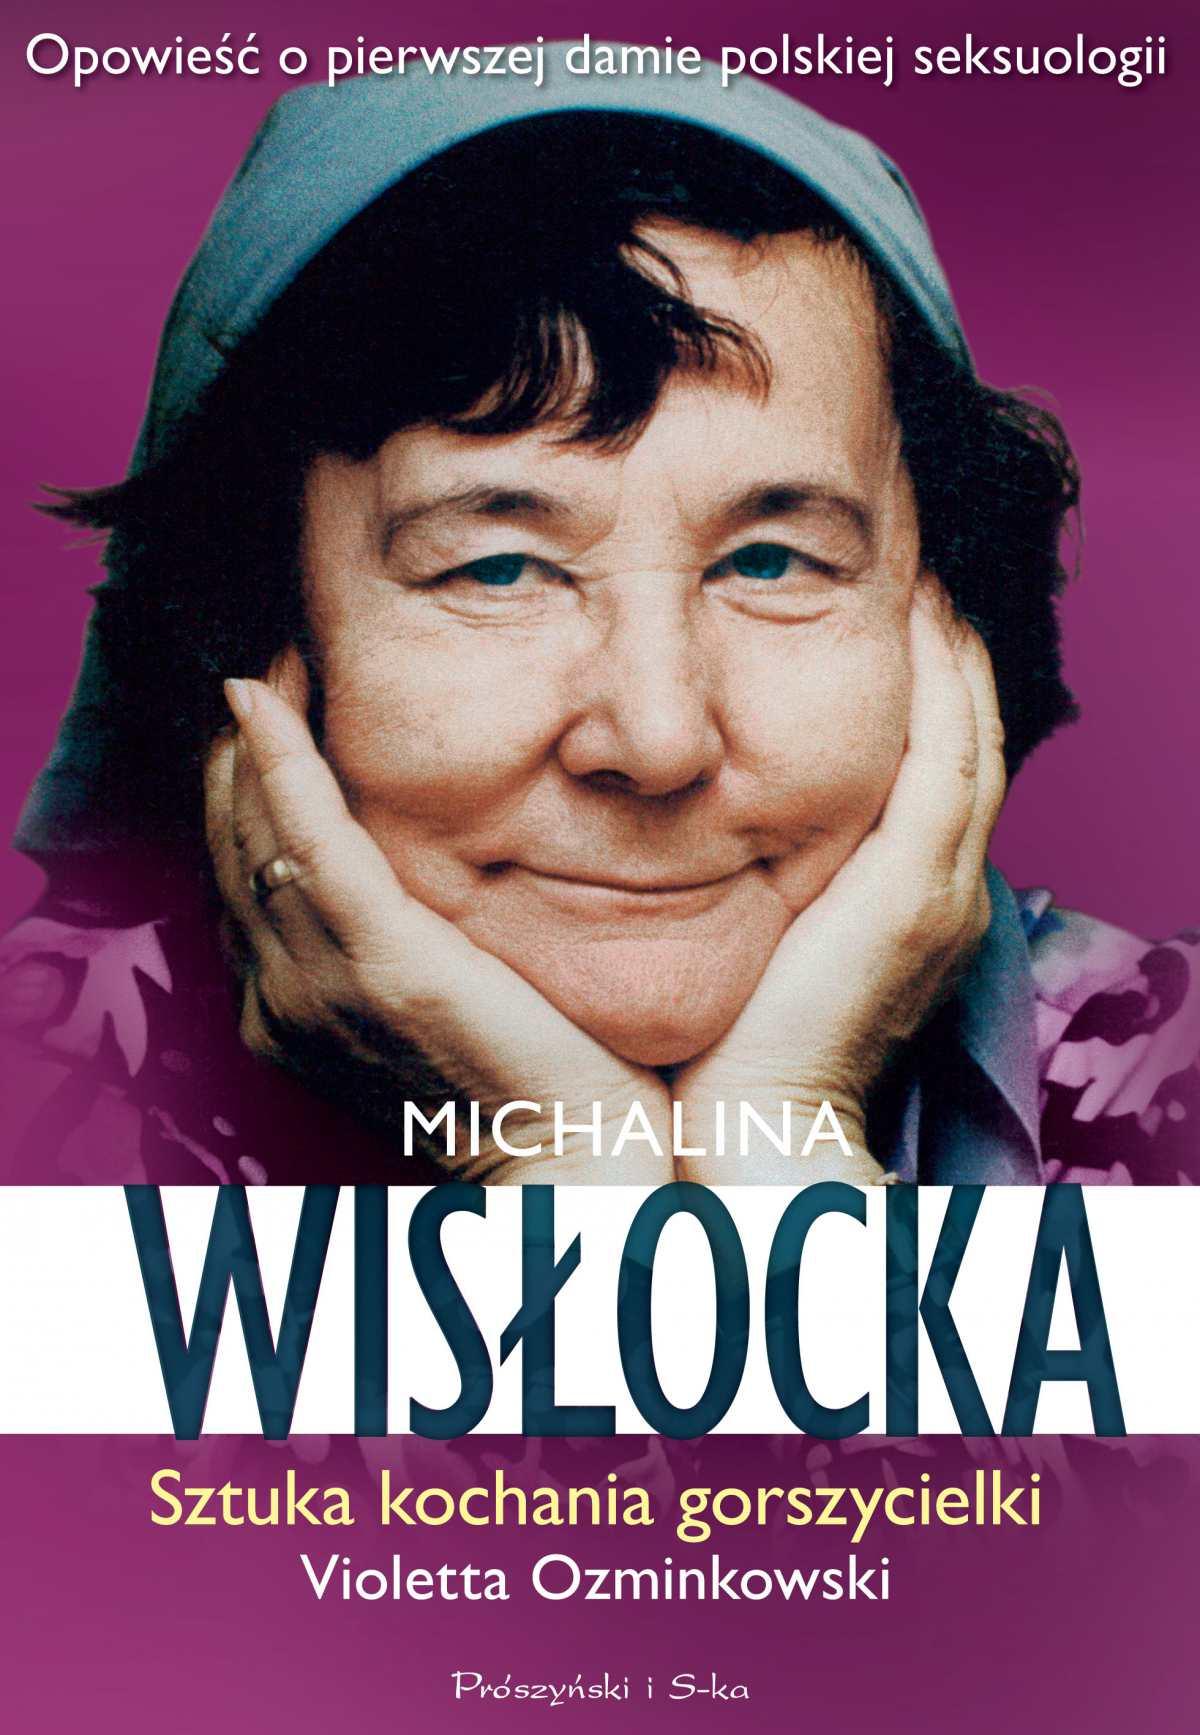 Michalina Wisłocka. Sztuka kochania gorszycielki - Ebook (Książka EPUB) do pobrania w formacie EPUB